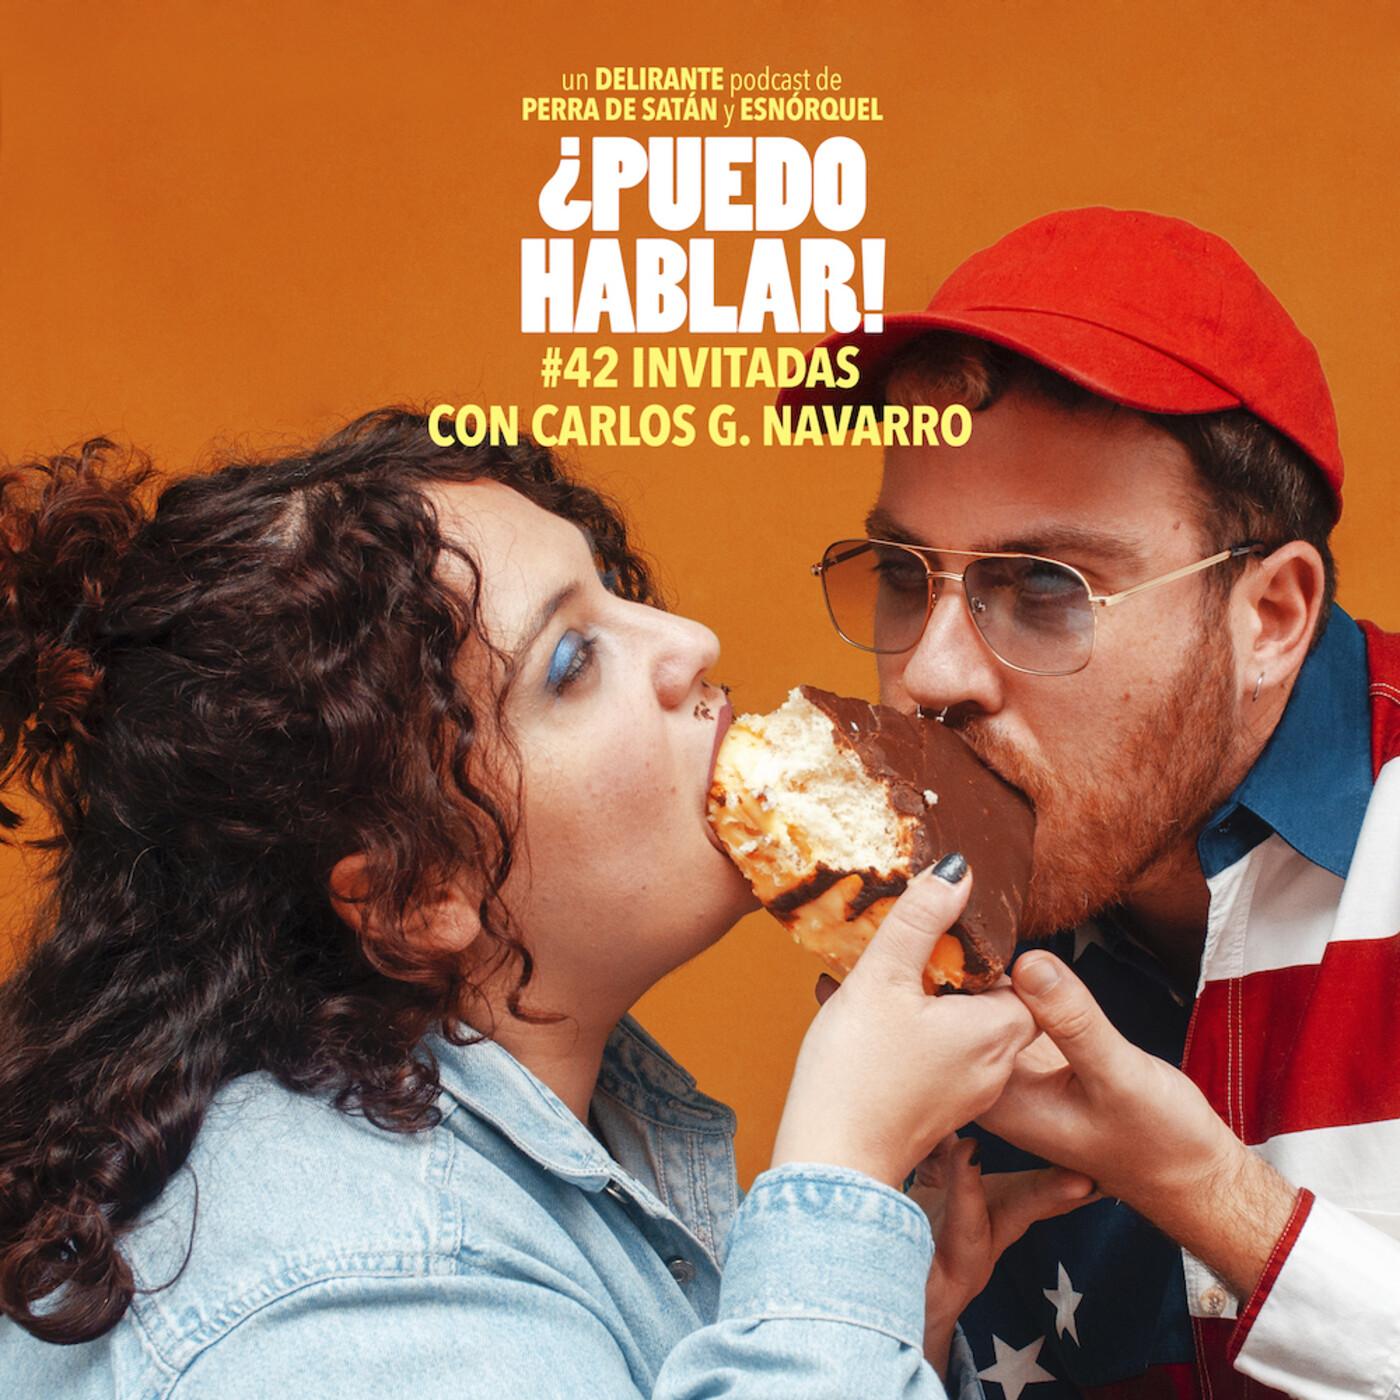 ¿Puedo hablar! #42 Invitadas con Carlos G. Navarro